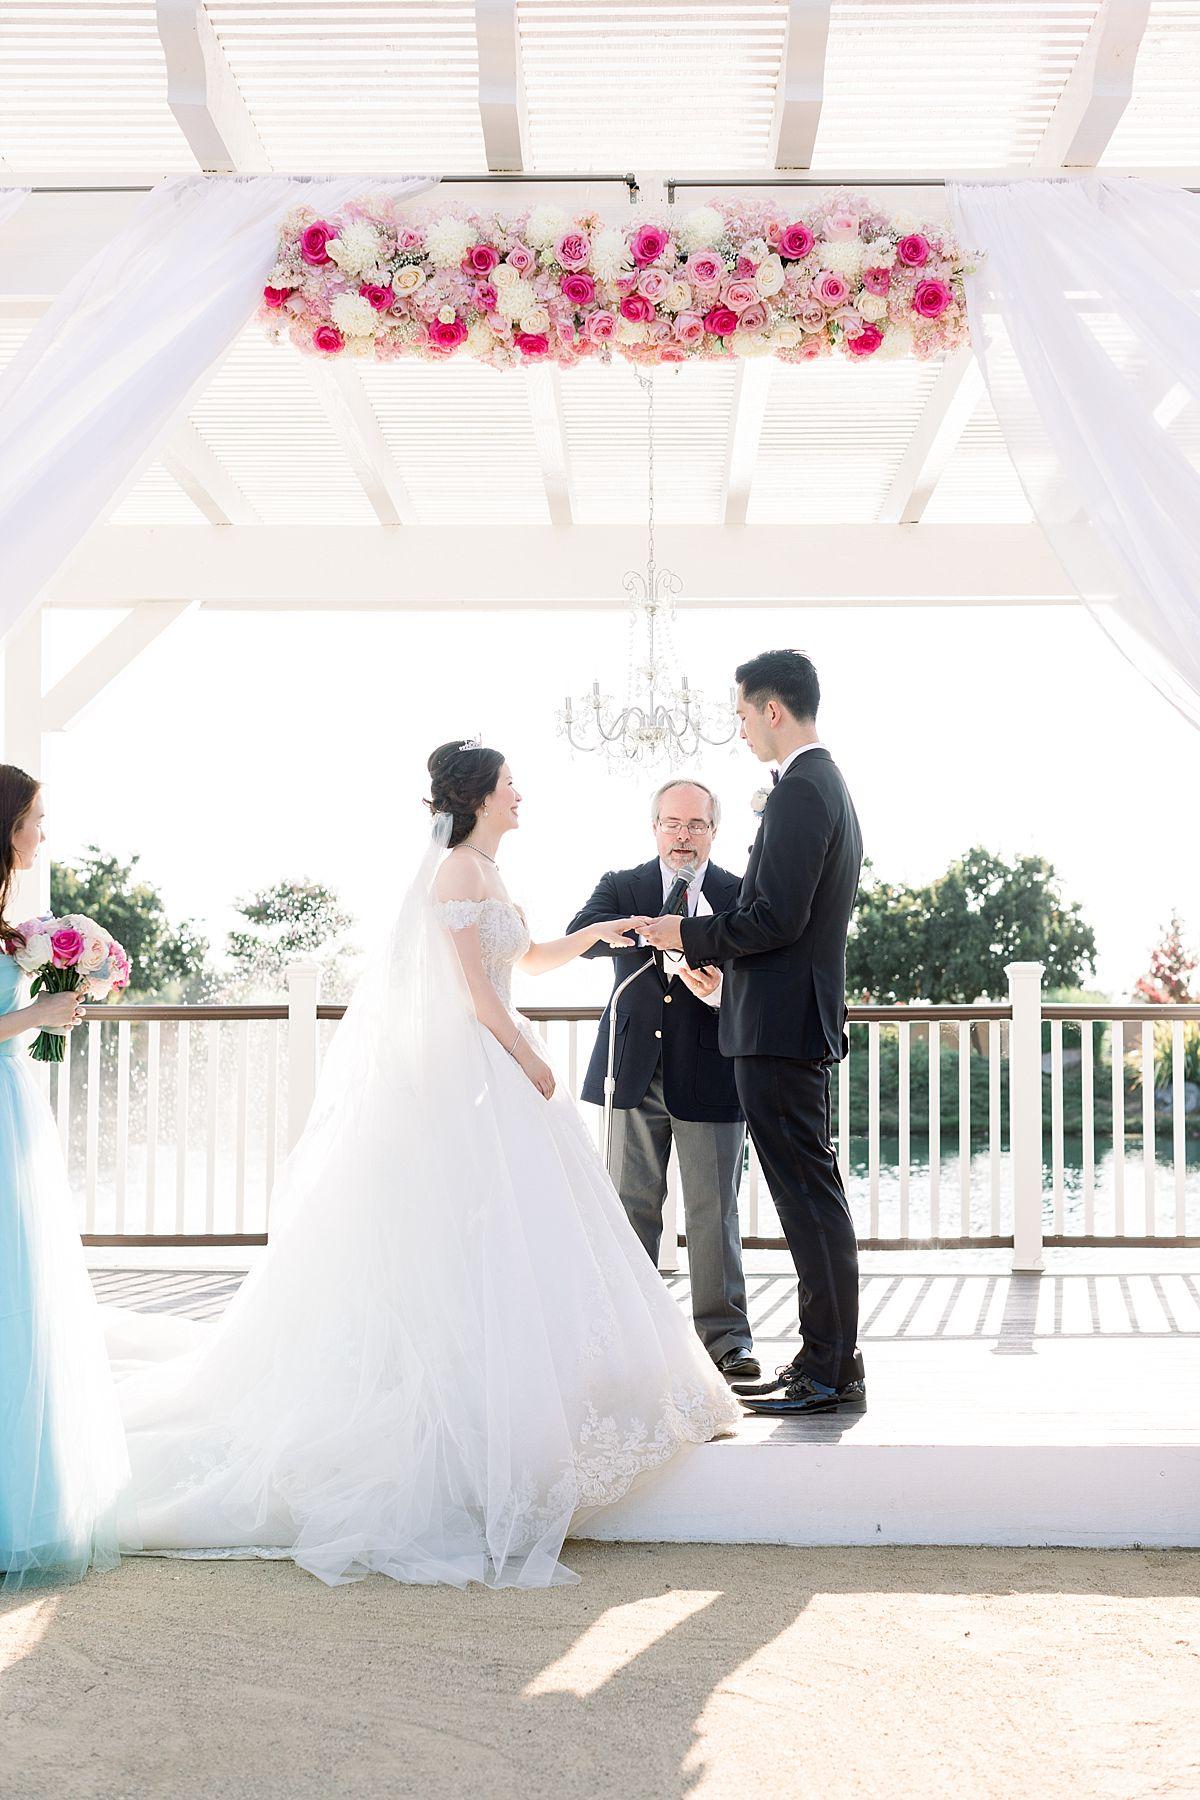 Newberry Estate Vineyards Wedding - Ashley Baumgartner - Jasmine and Johhny - Bay Area Wedding Photographer - Sacramento Wedding Photographer_0038.jpg